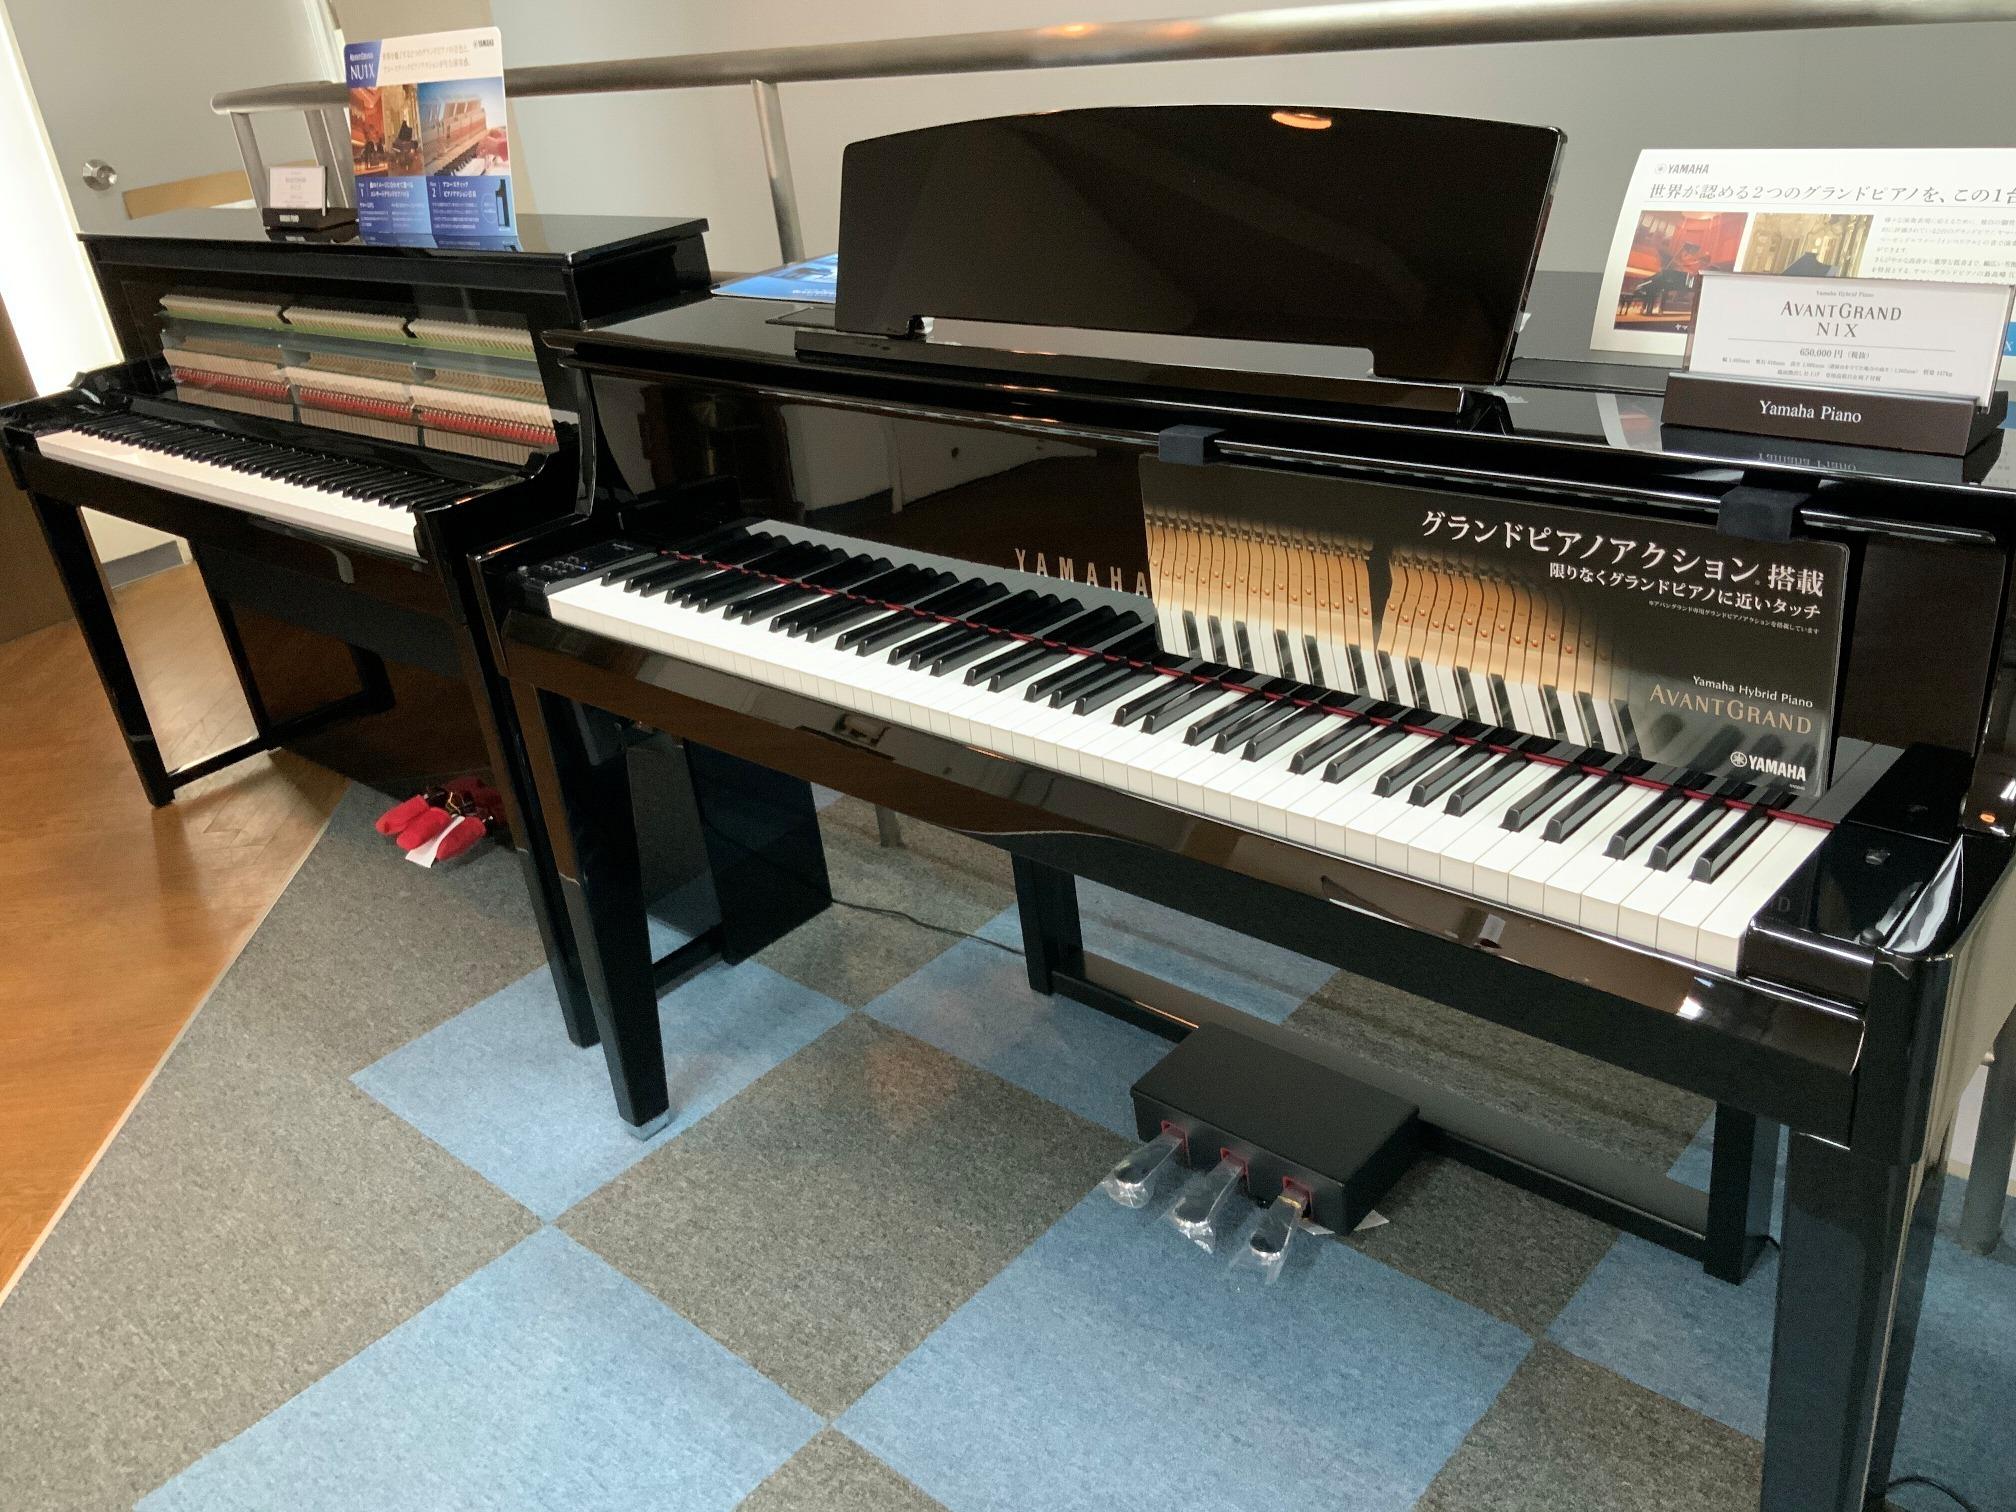 ハイブリッドピアノ展示